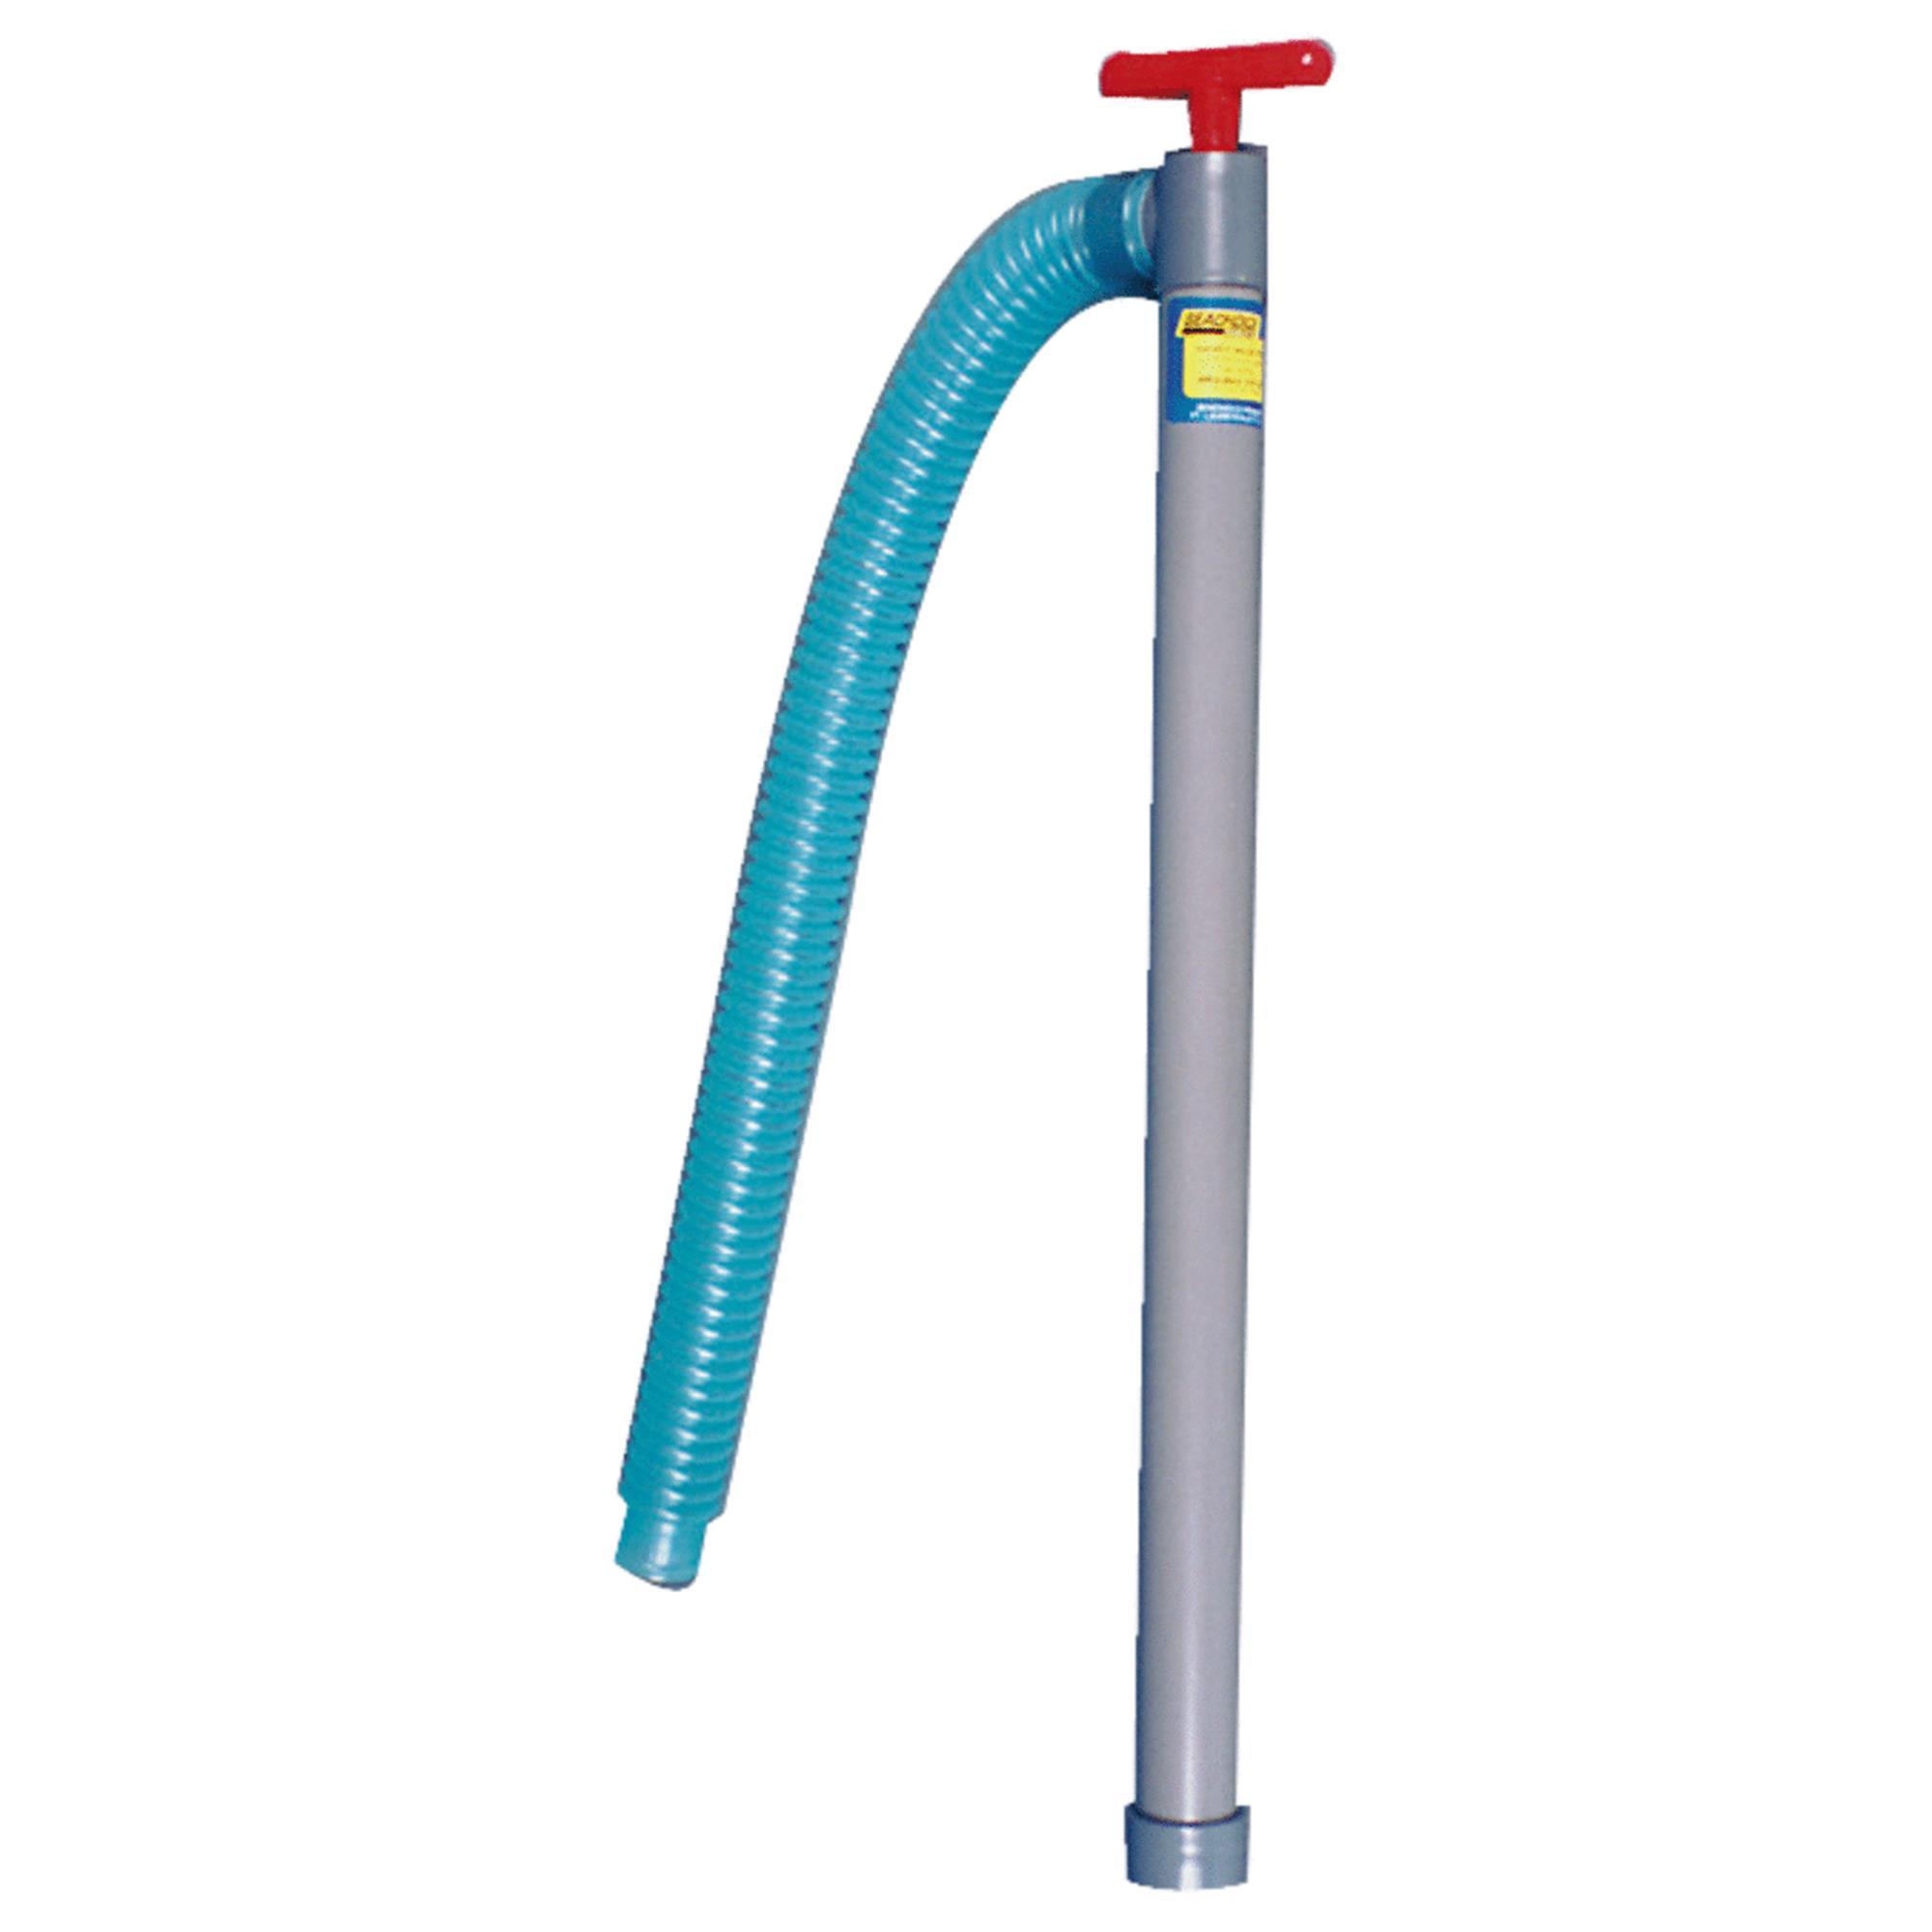 Seachoice 8 GPM Handy Bilge Pump by Seachoice